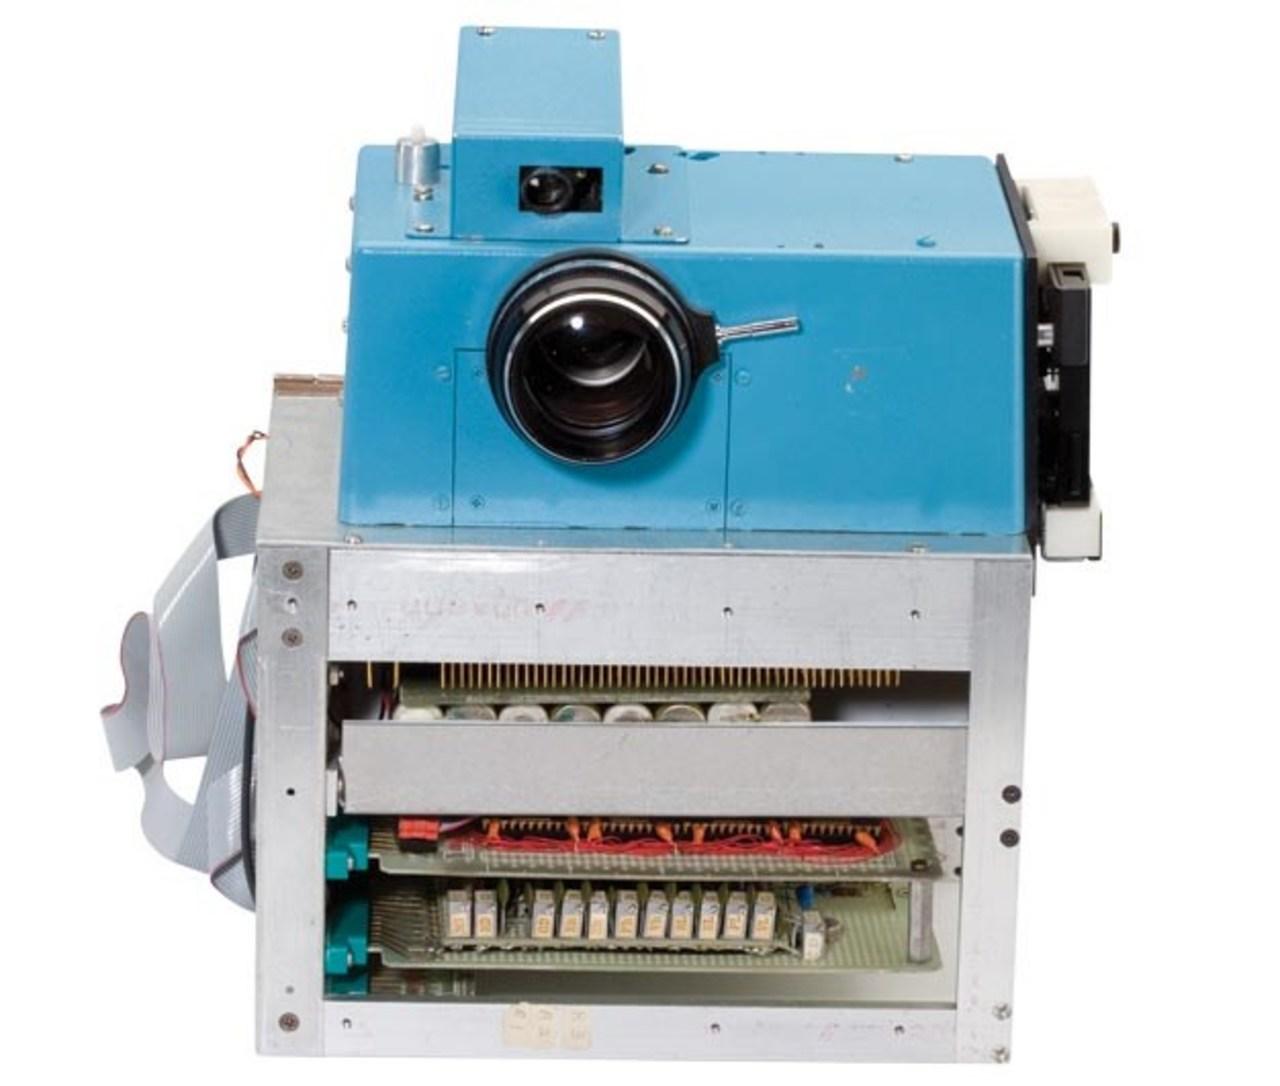 1aea43932d 01. Protótipo de câmera digital - Kodak (1975)  essa câmera fez a primeira  imagem digital da história!